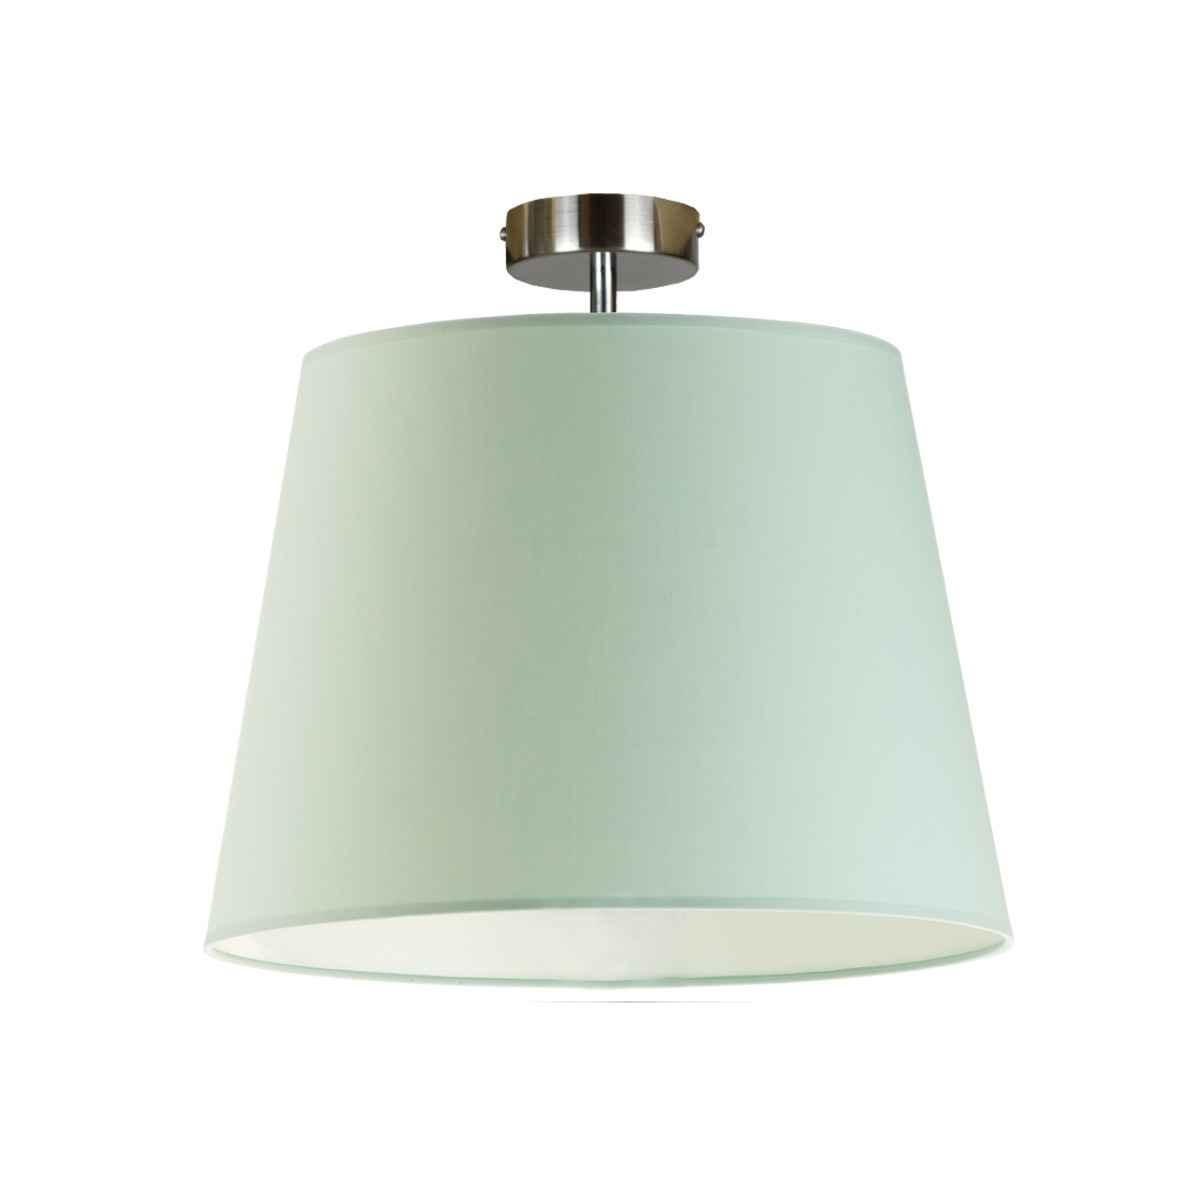 Lampa sufitowa plafon COSMO stożek! Częstochowa - zdjęcie 1